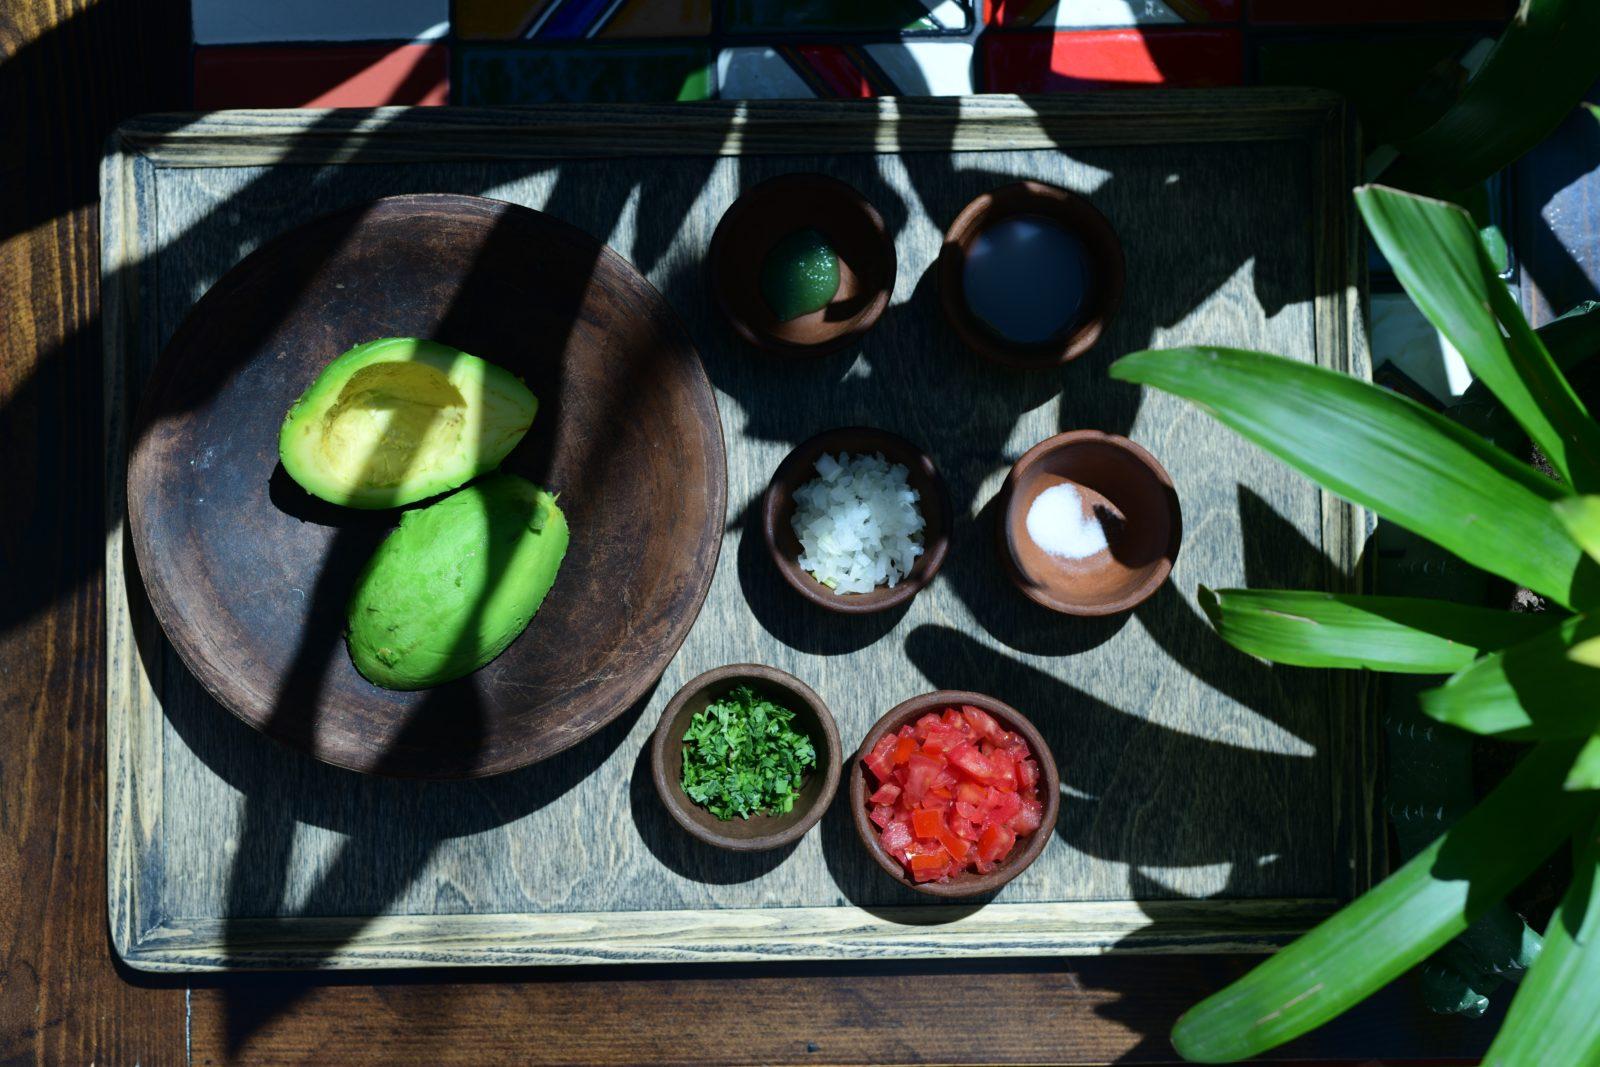 Տեկիլա, գուակամոլե… մեքսիկական աուրա Հայատանում. Արփինե Զուրֆլուհ